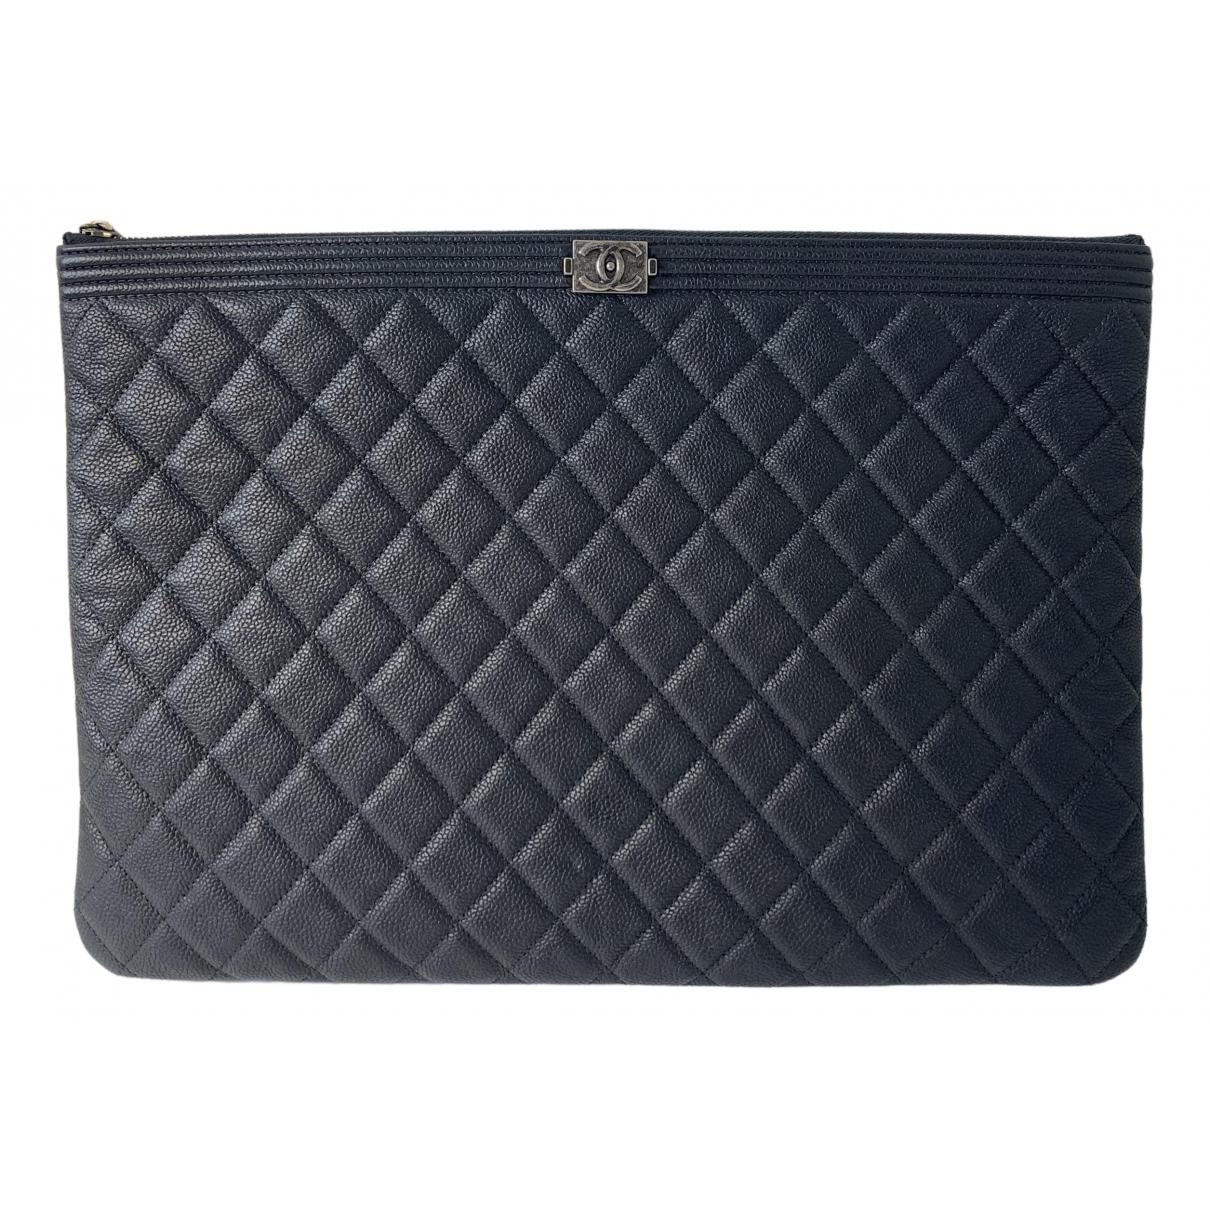 Chanel Boy leather clutch bag